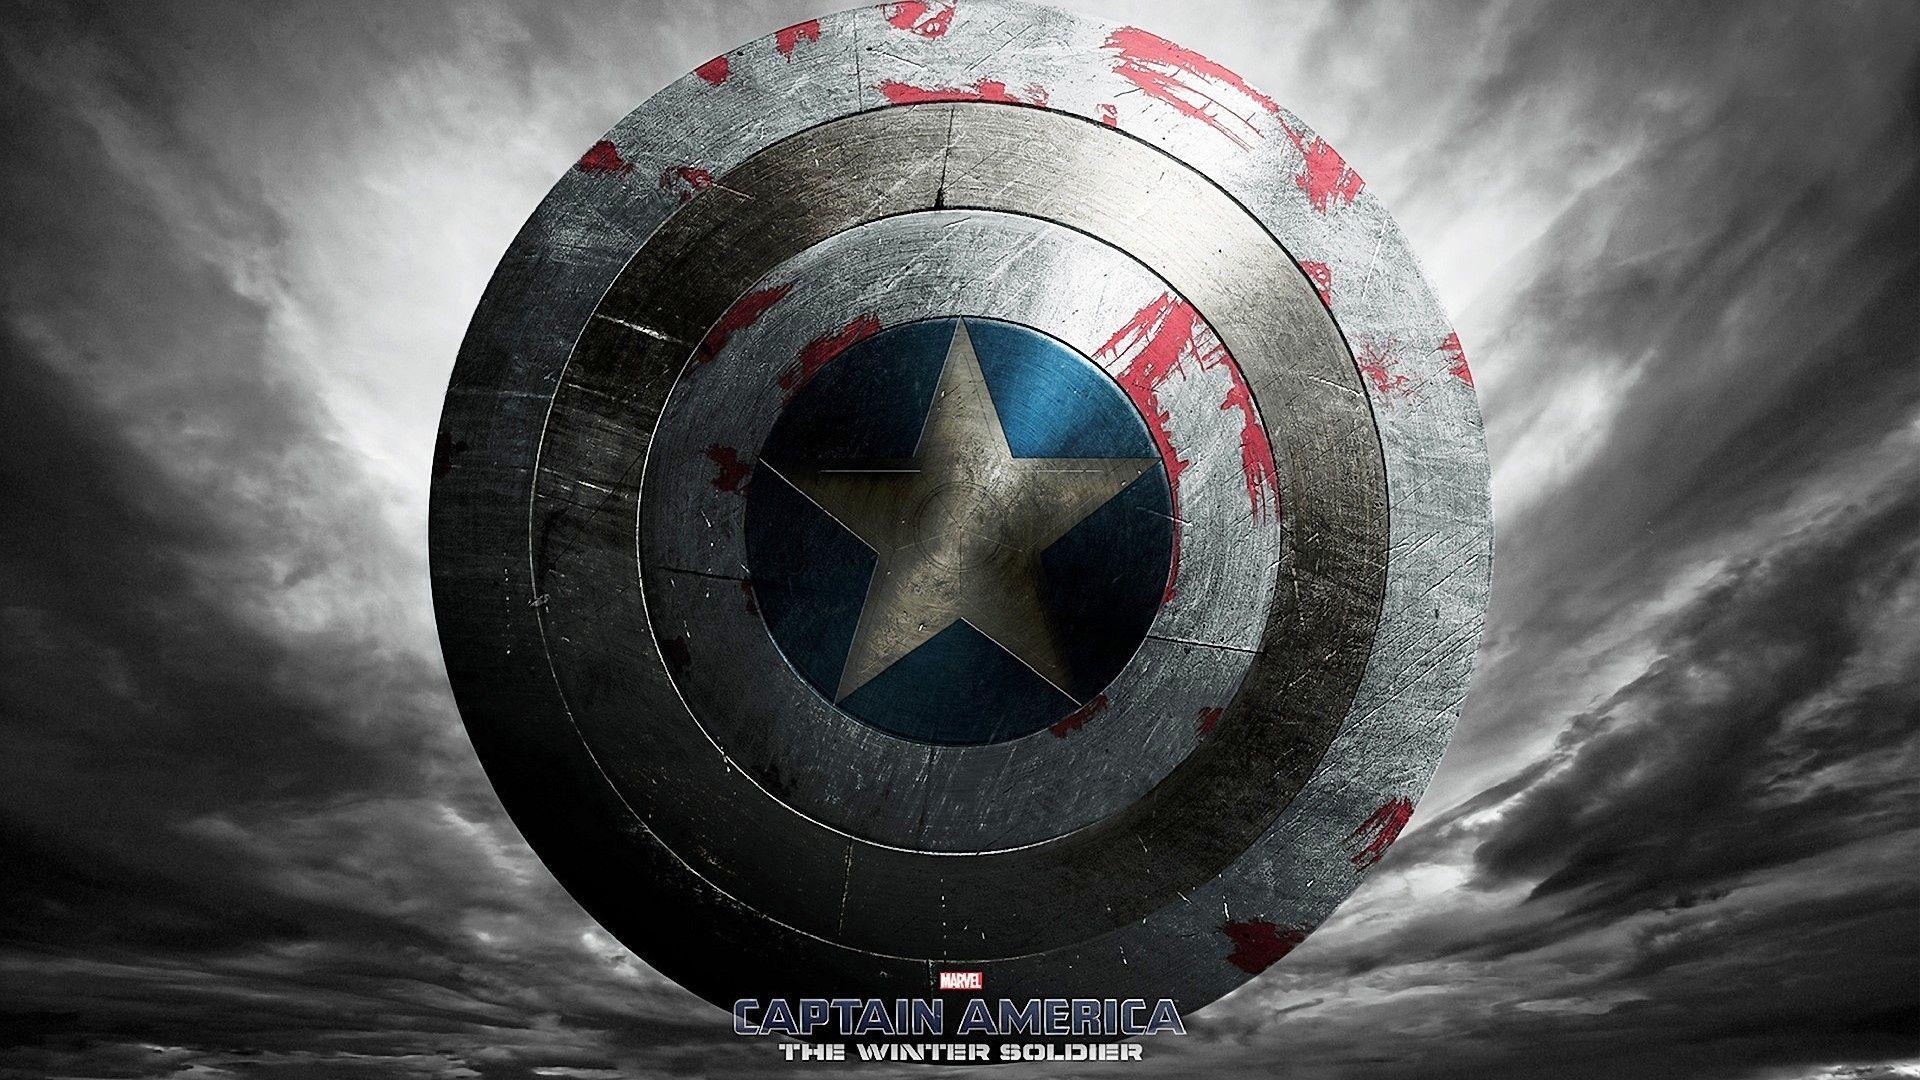 America Wallpaper captain america galaxy s wallpaper 1920×1080 captain america